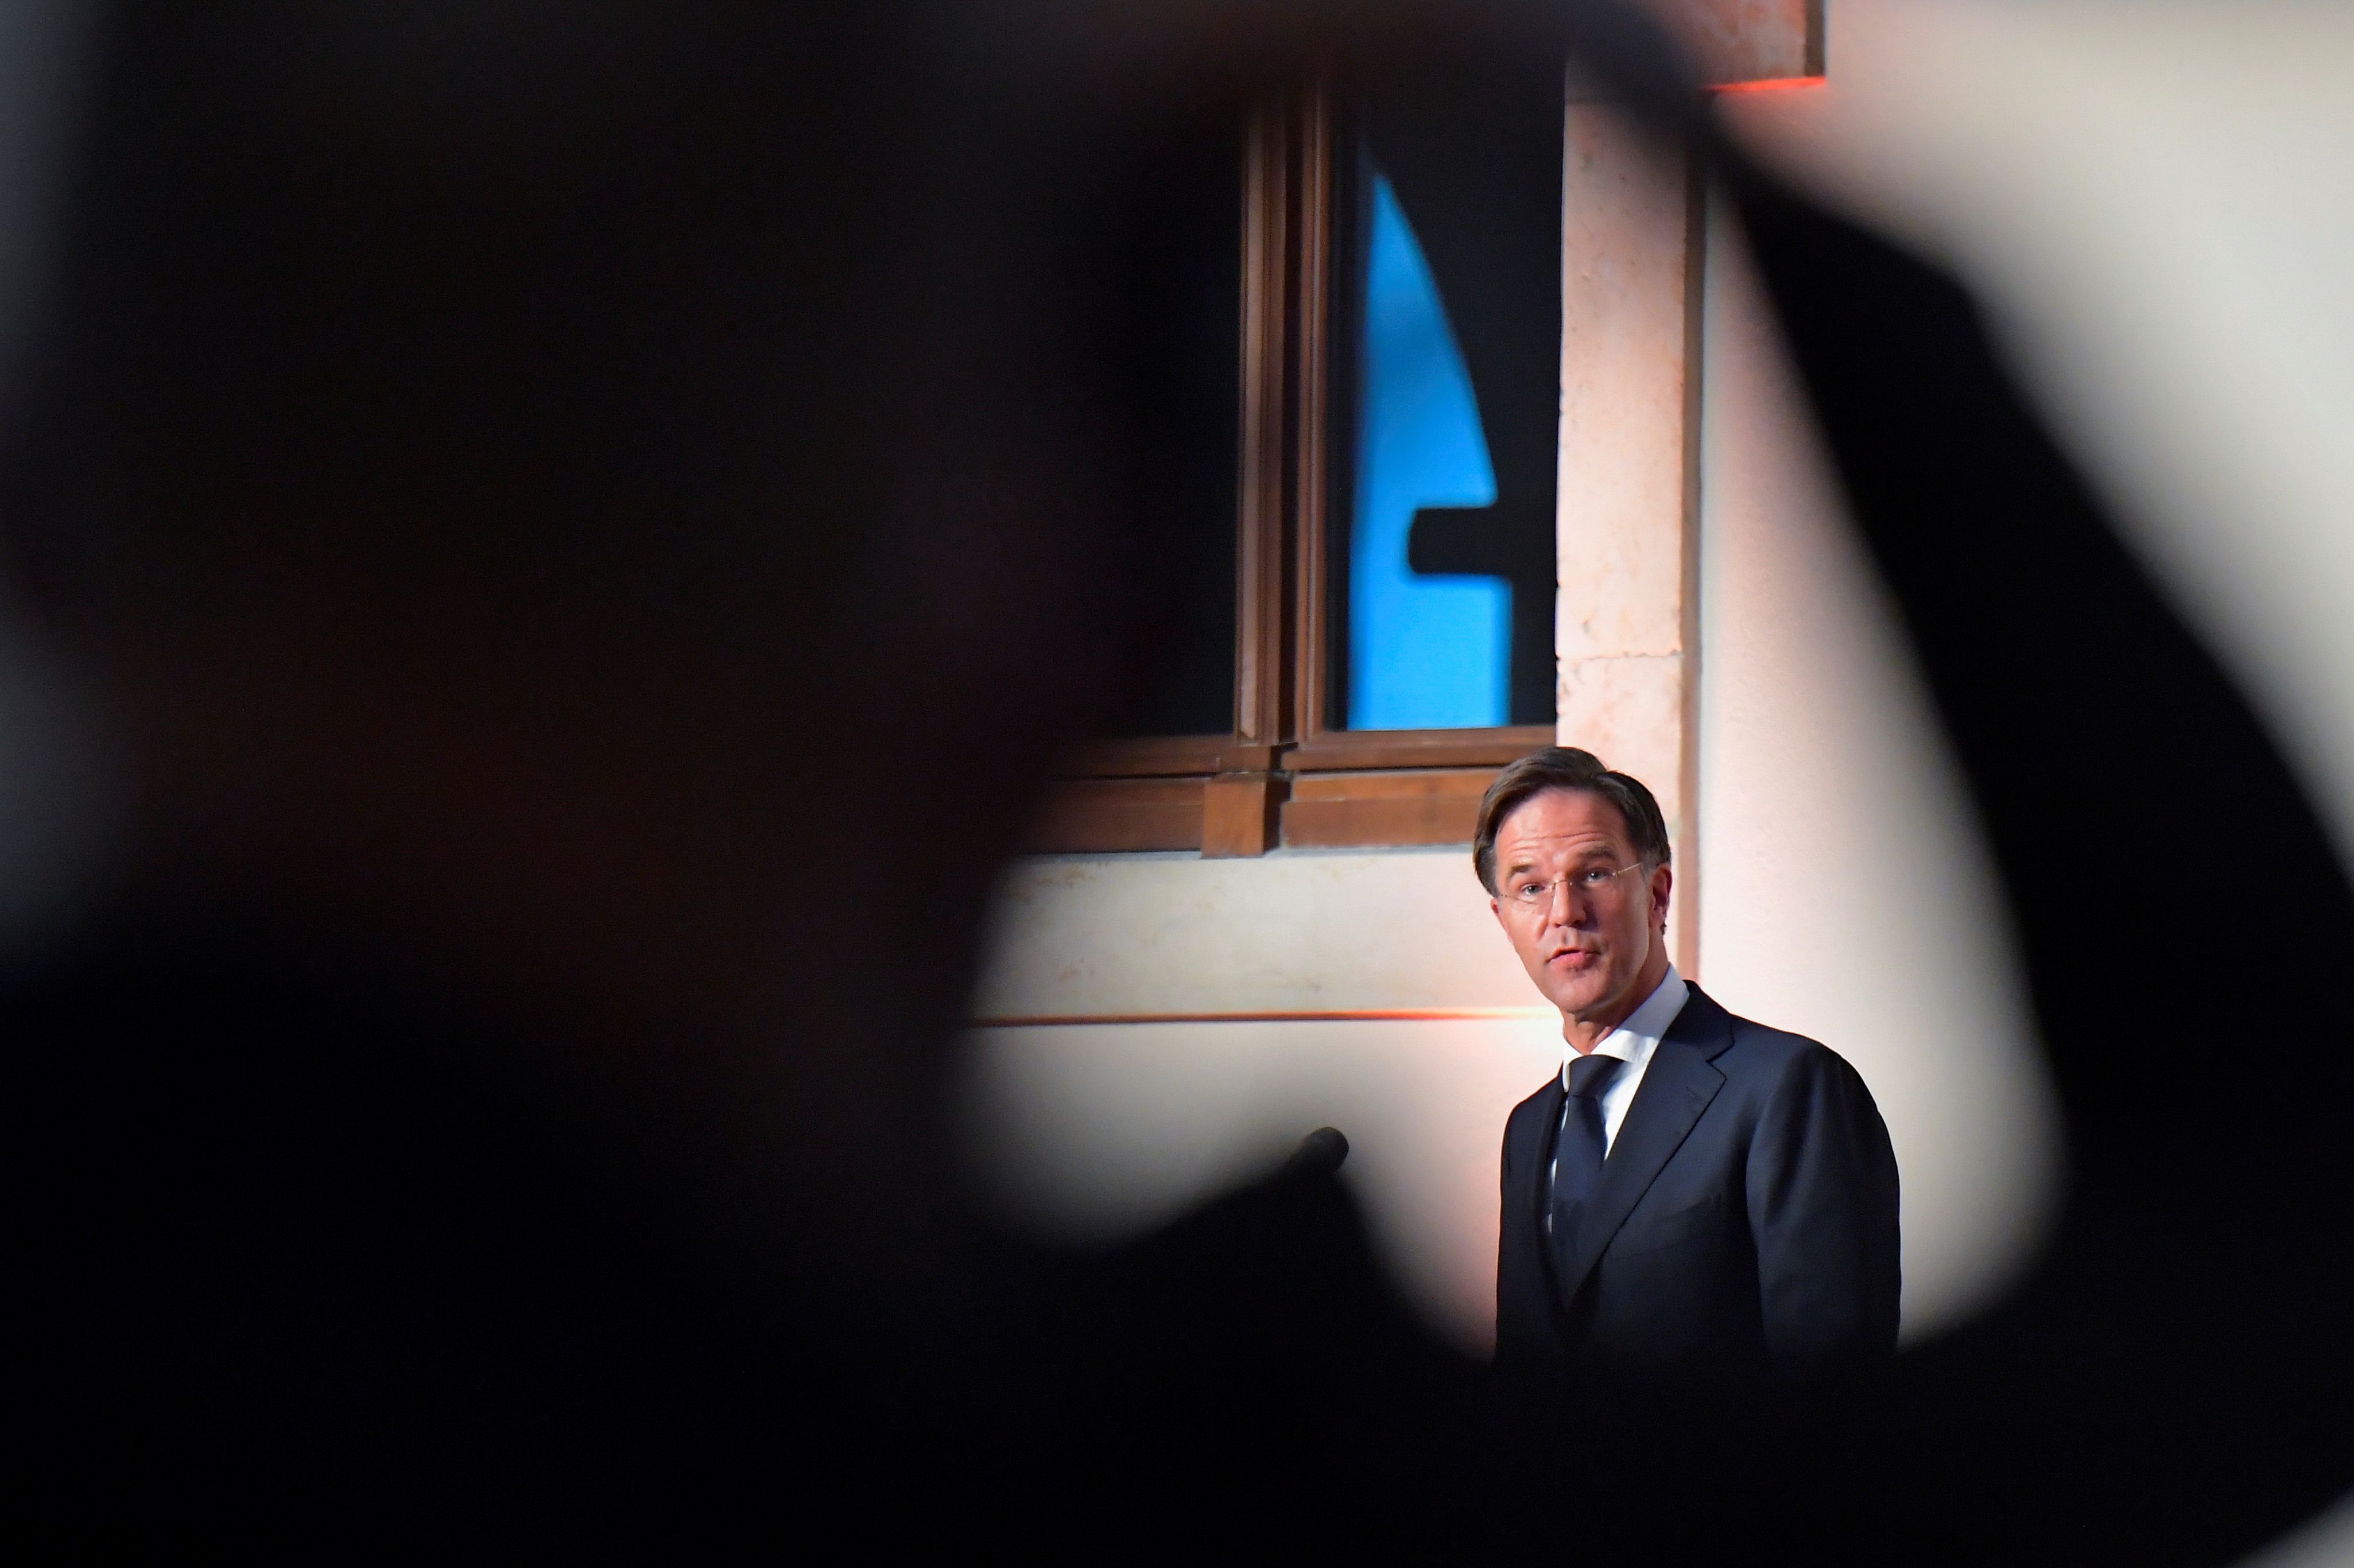 La protection autour du Premier ministre des Pays-Bas Mark Rutte a été augmentée après l'inquiétude de...